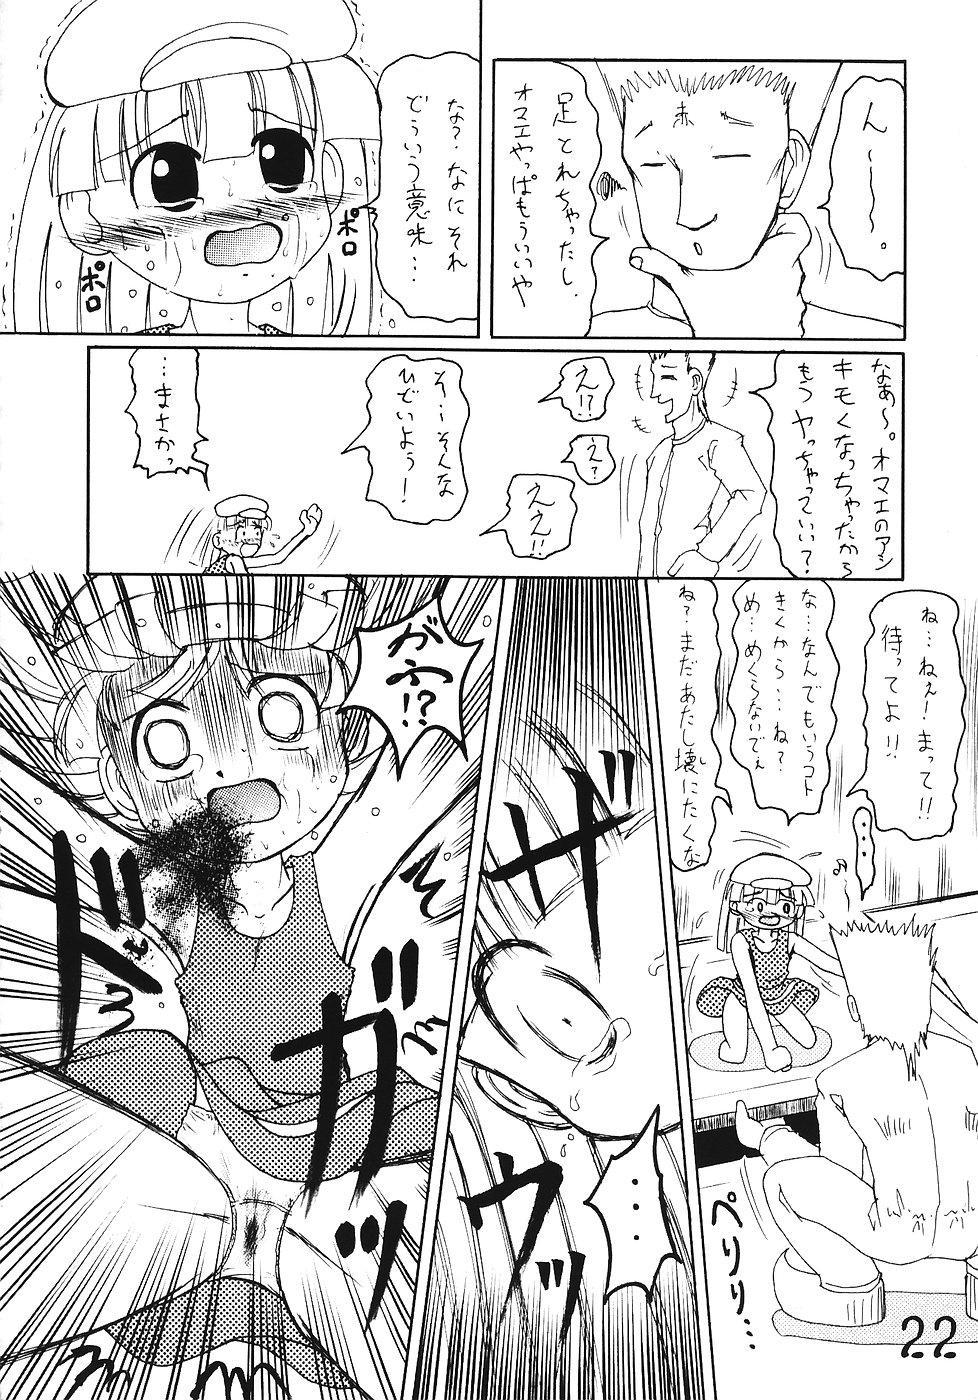 Tsurupeta Kenkyuusho Houkokusho 20